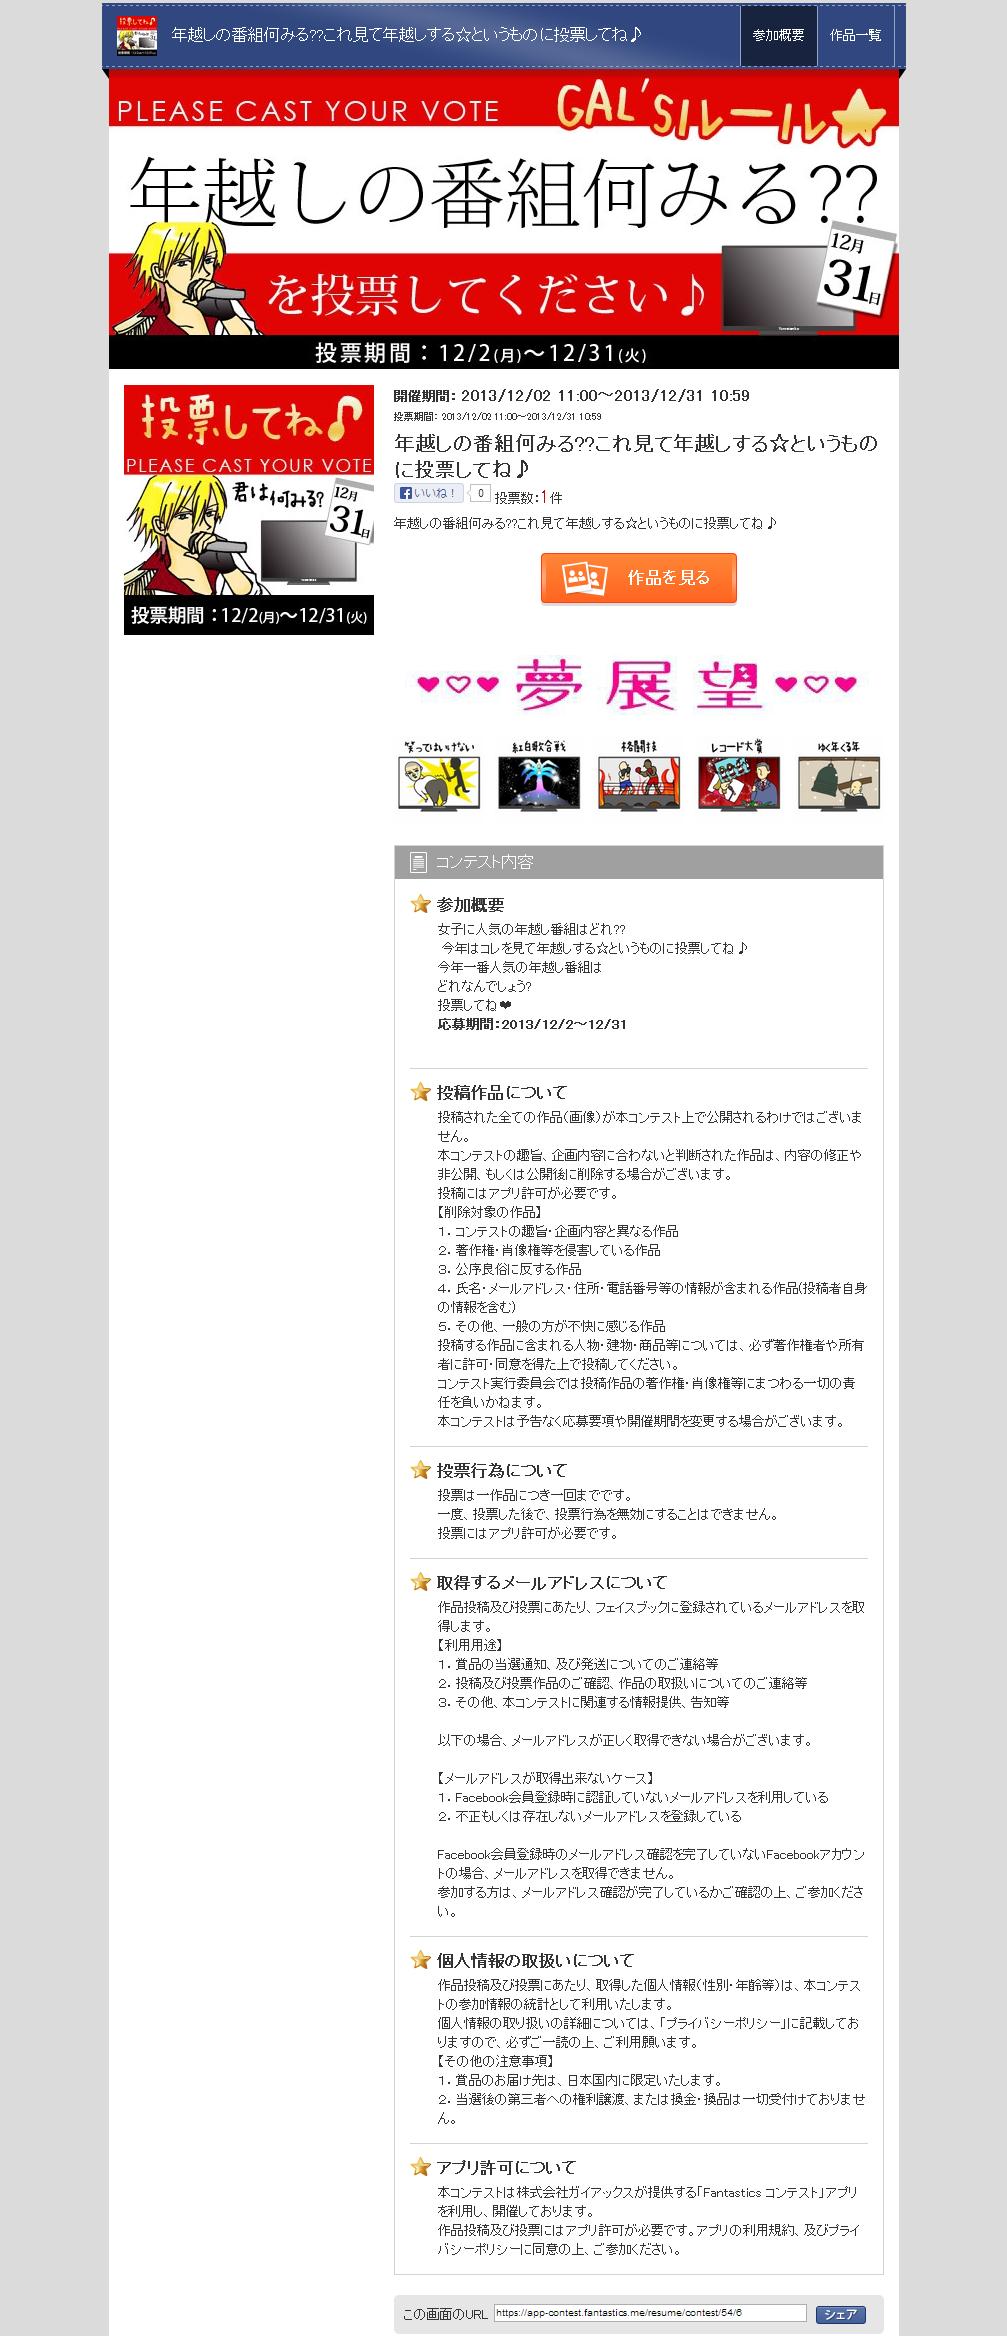 Fantastics 投票コンテスト(夢展望株式会社様)